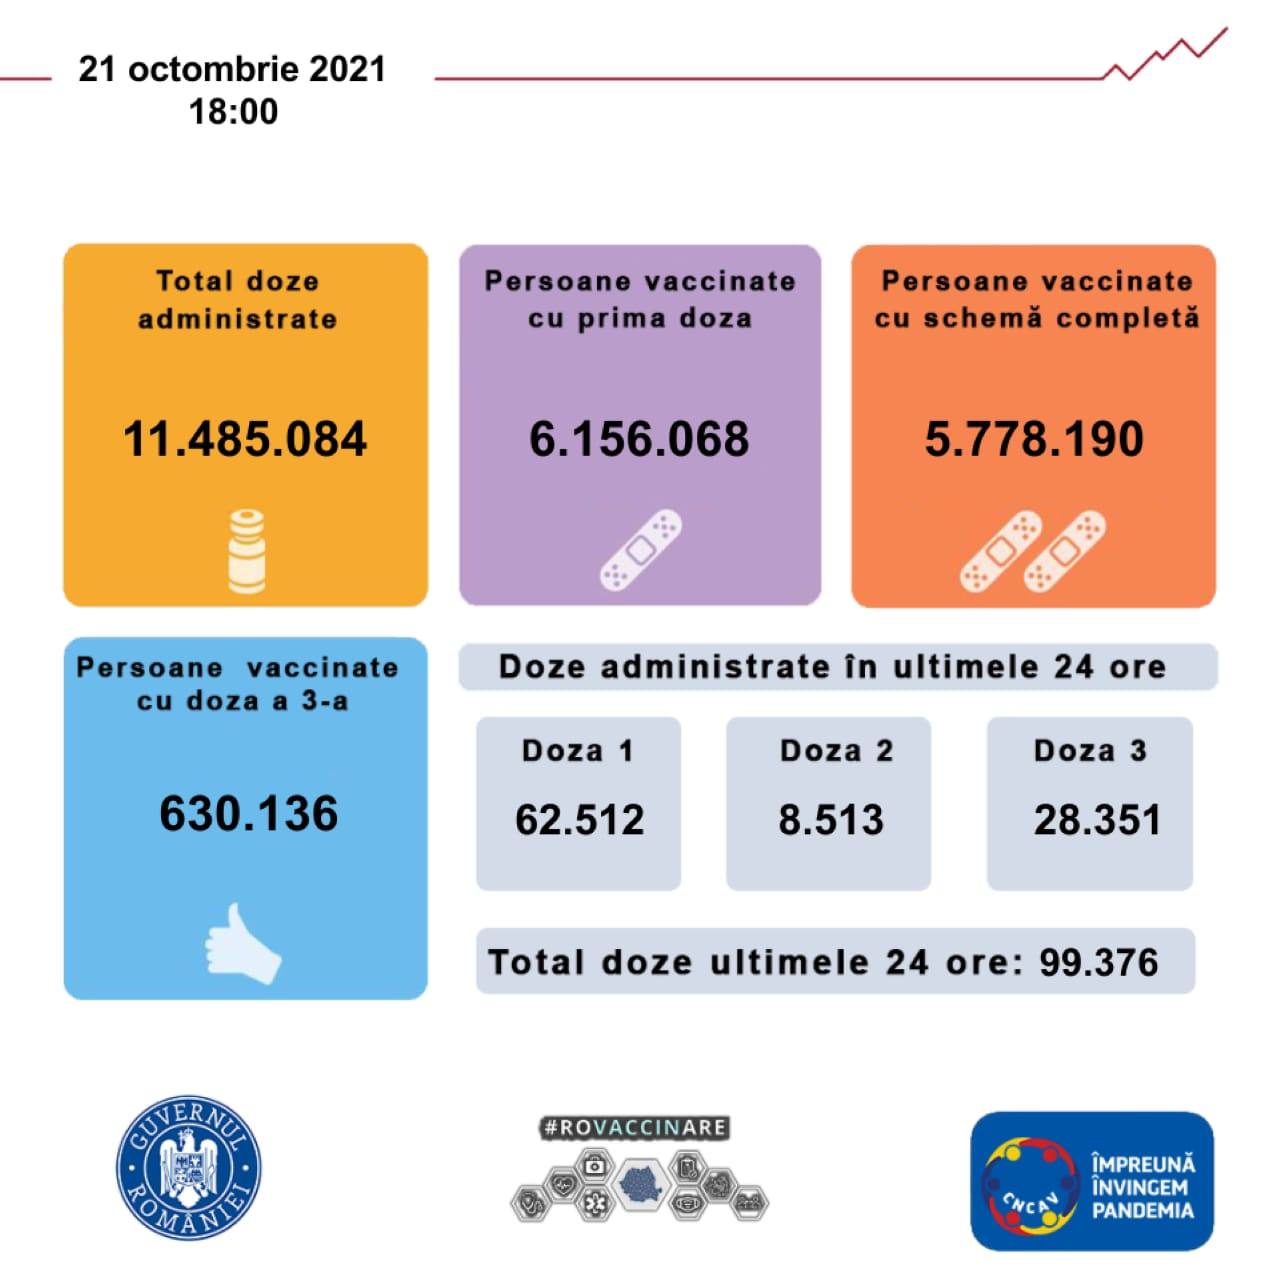 Aproape 100.000 de doze de vaccin administrate joi în România. Circa 30.000 dintre acestea sunt a treia doză